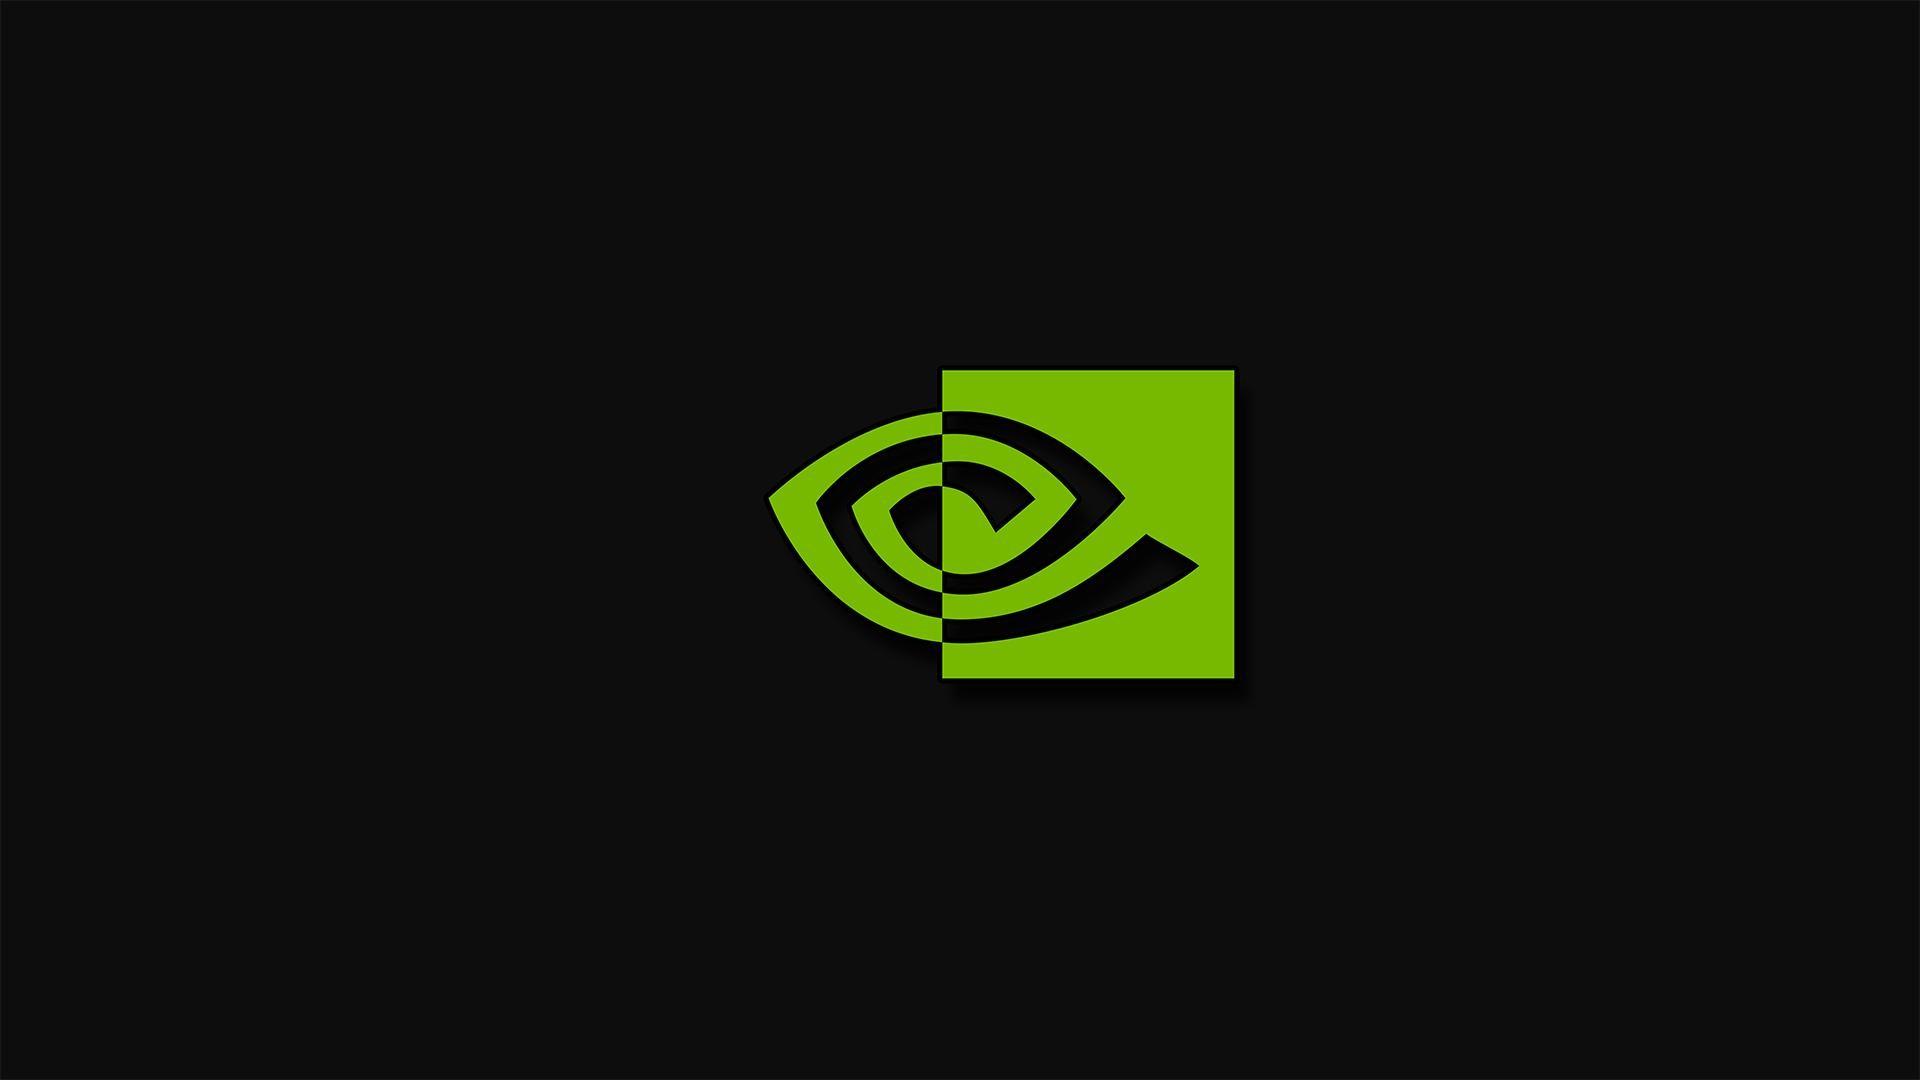 Слух: новая видеокарта от Nvidia будет мощнее, чем RTX 2080 Ti